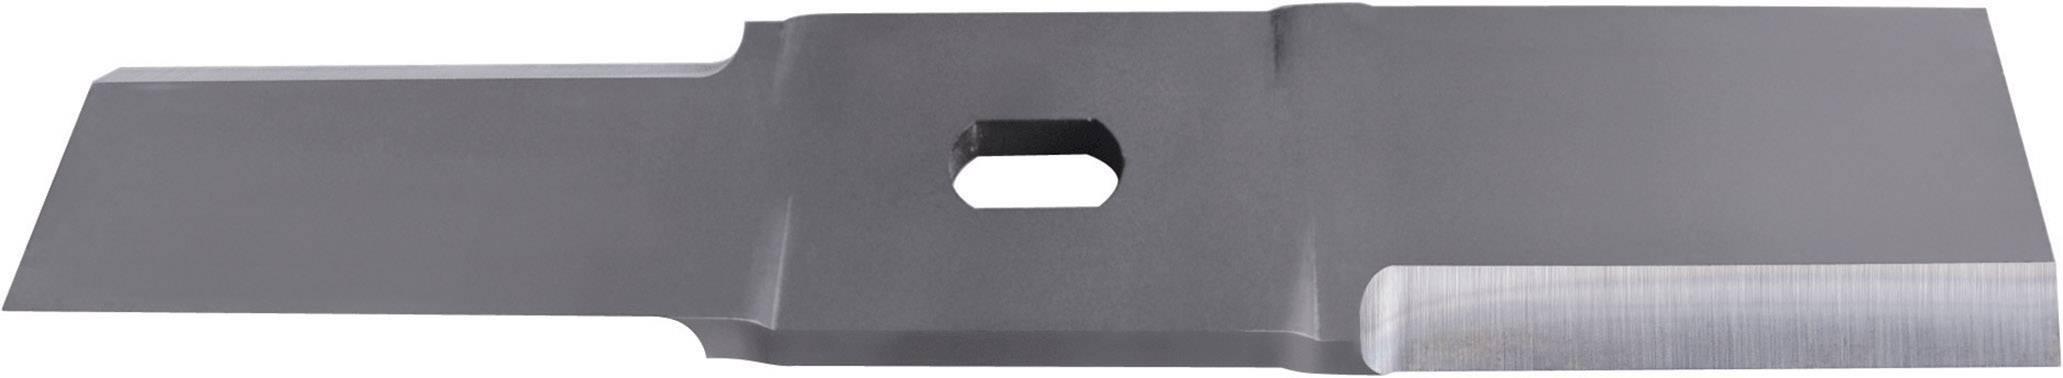 Náhradní nůž do sekačky Bosch F016800276